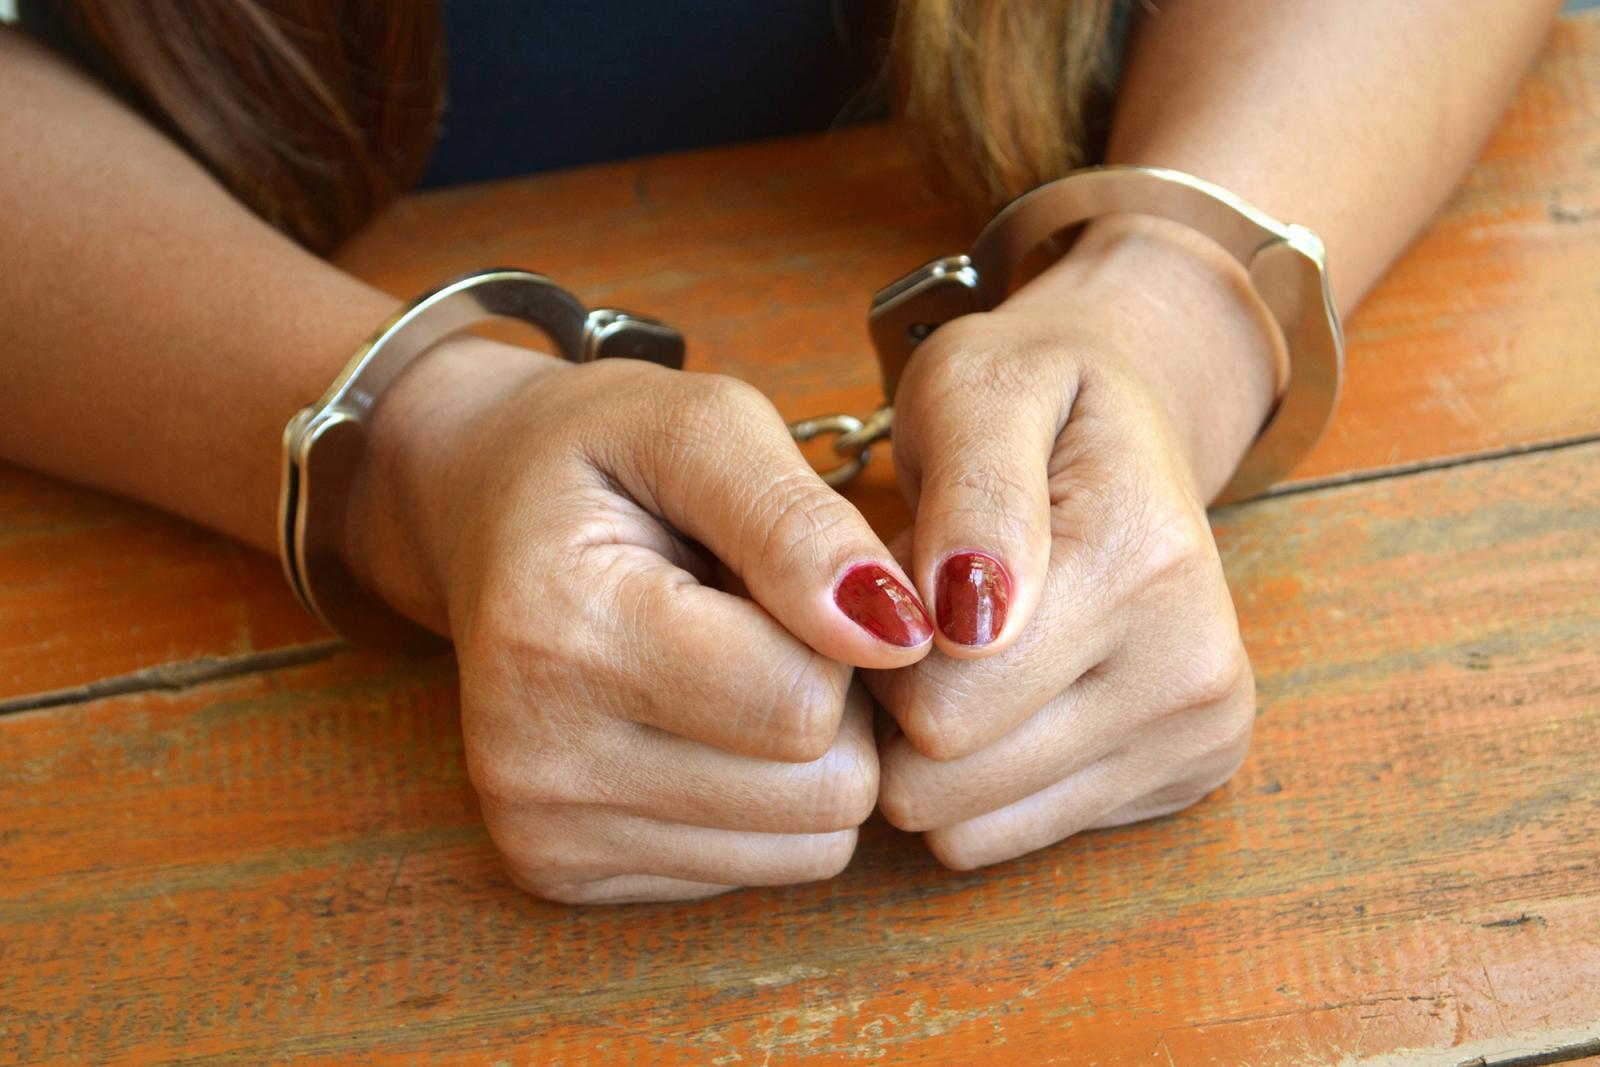 Дама из Погара залезла в дом соседа и украла технику